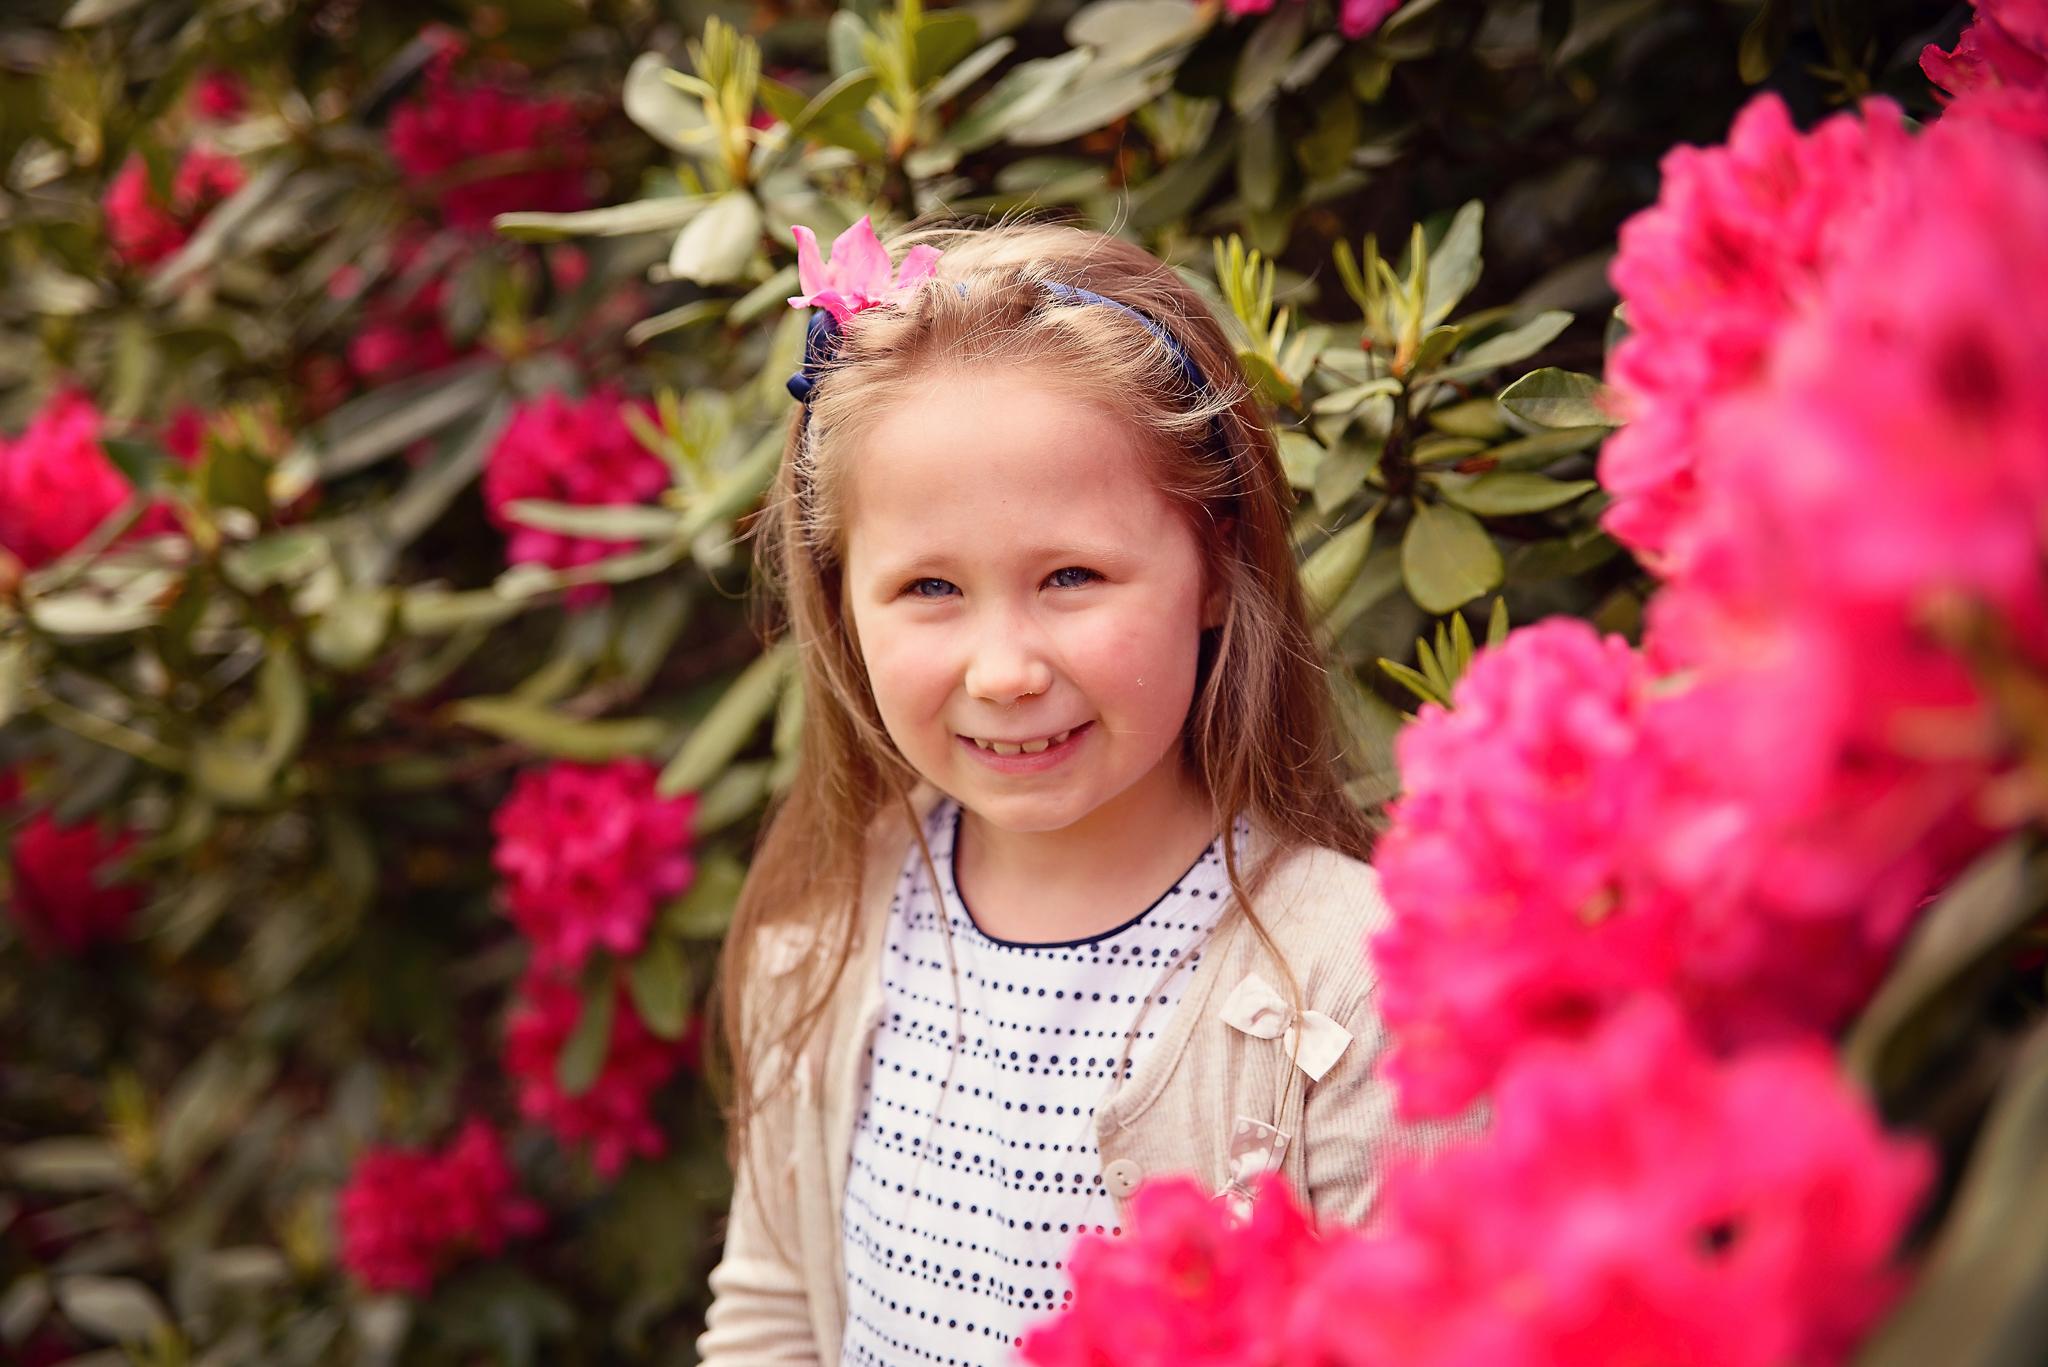 sesja w rododendronach powsin Sesja dziecięca w azaliach i rododendronach